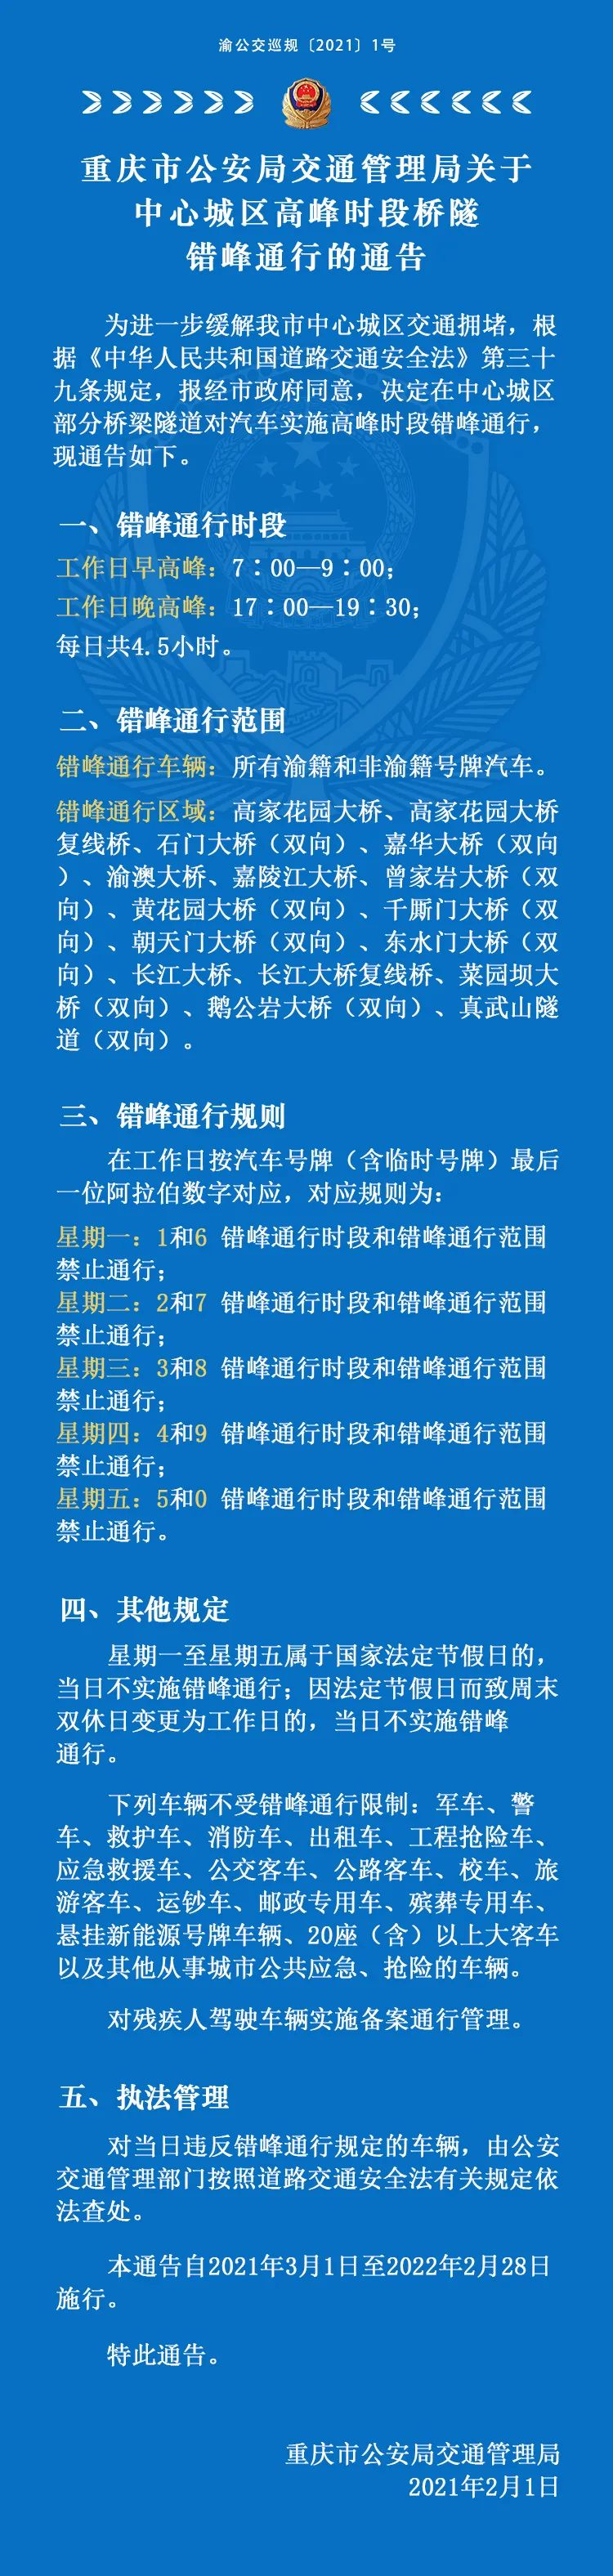 3月1日起,中心城区桥隧错峰通行!图片